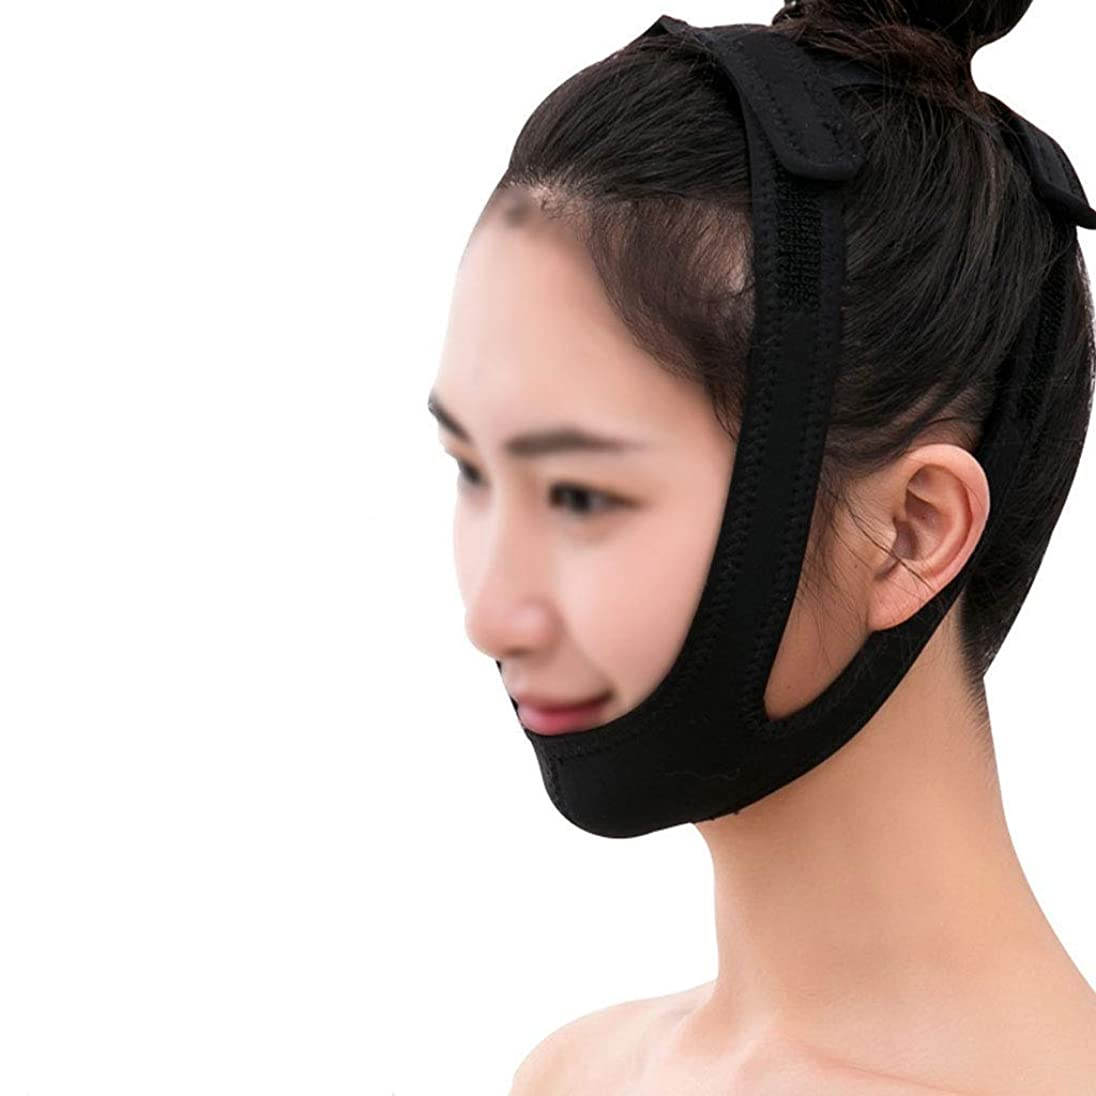 フェイシャルリフティングマスク、医療用ワイヤーカービングリカバリーヘッドギアVフェイス包帯ダブルチンフェイスリフトマスク